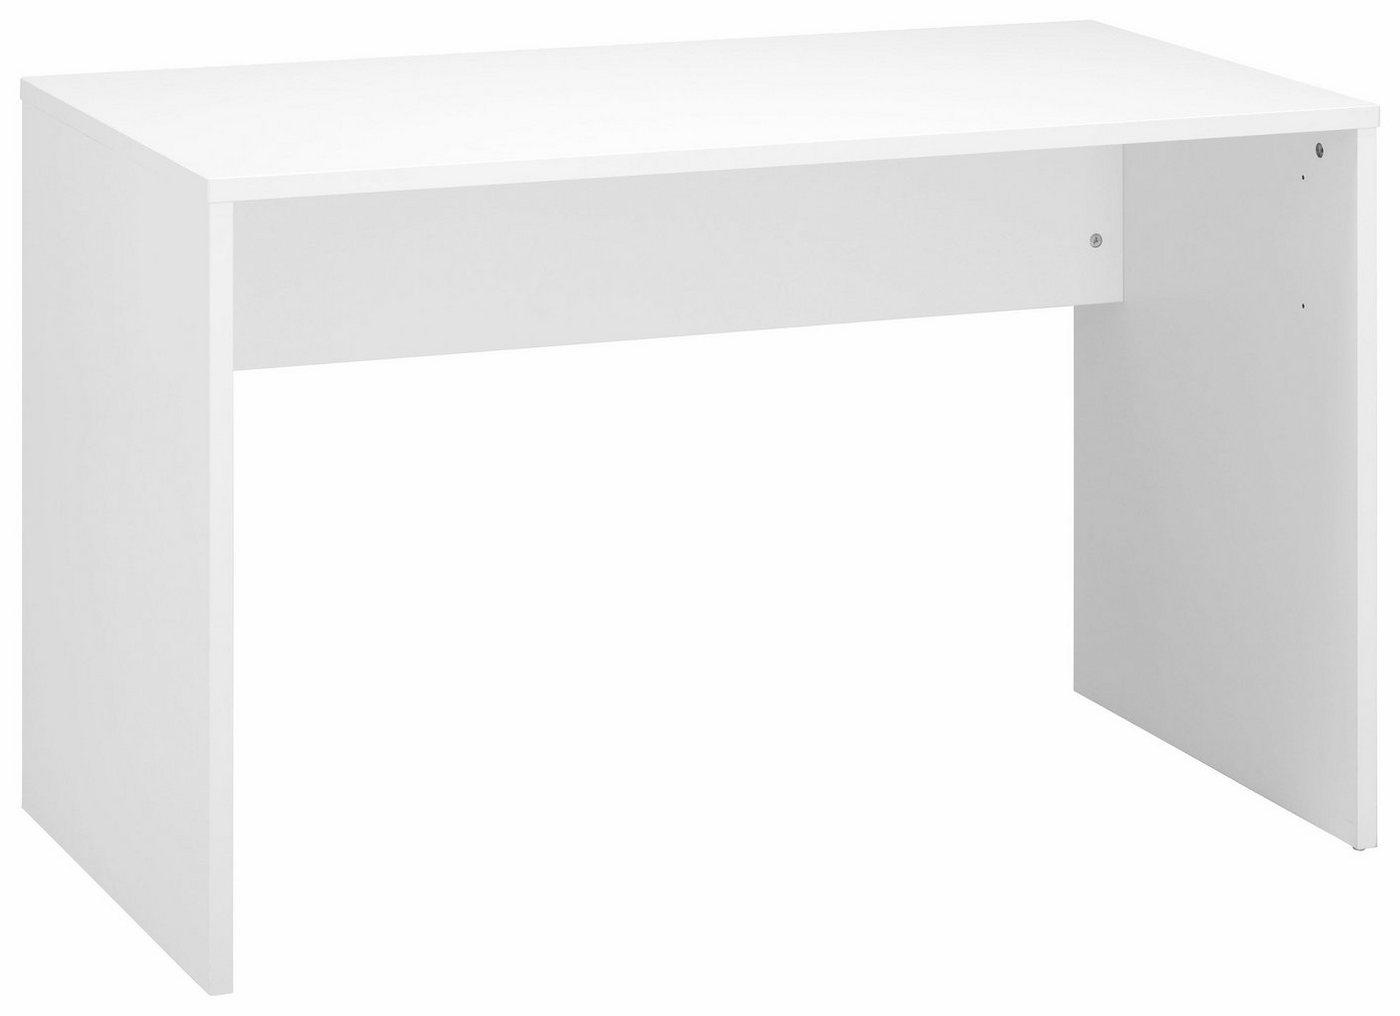 Schreibtisch weiss cs schmal preisvergleiche for Schreibtisch lang und schmal